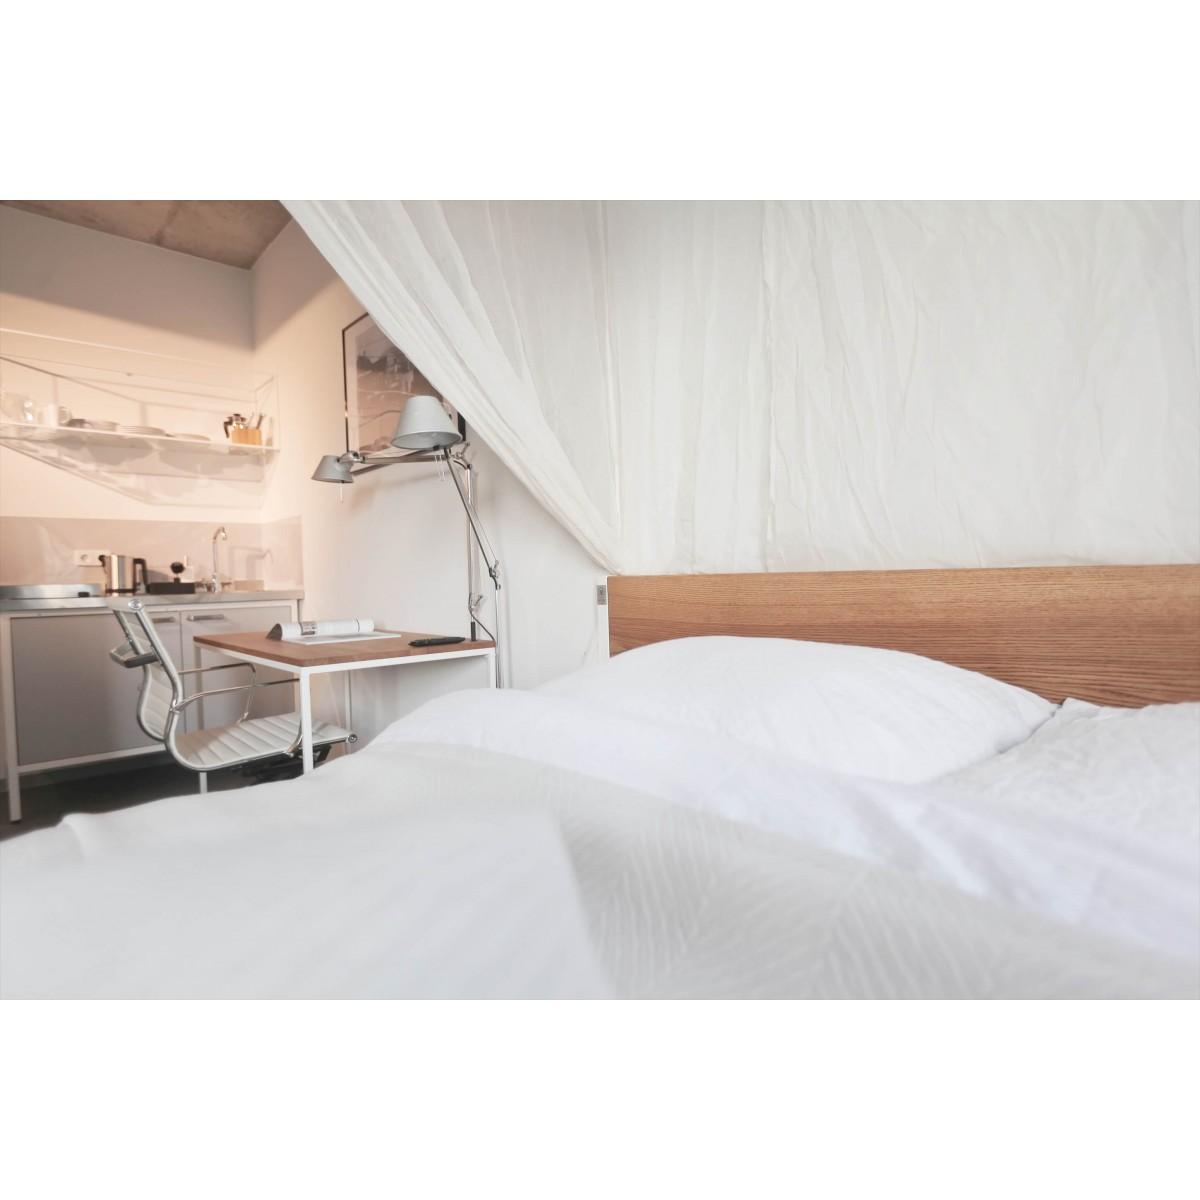 B18 - Designbett aus Massivholz und Stahl - Loft